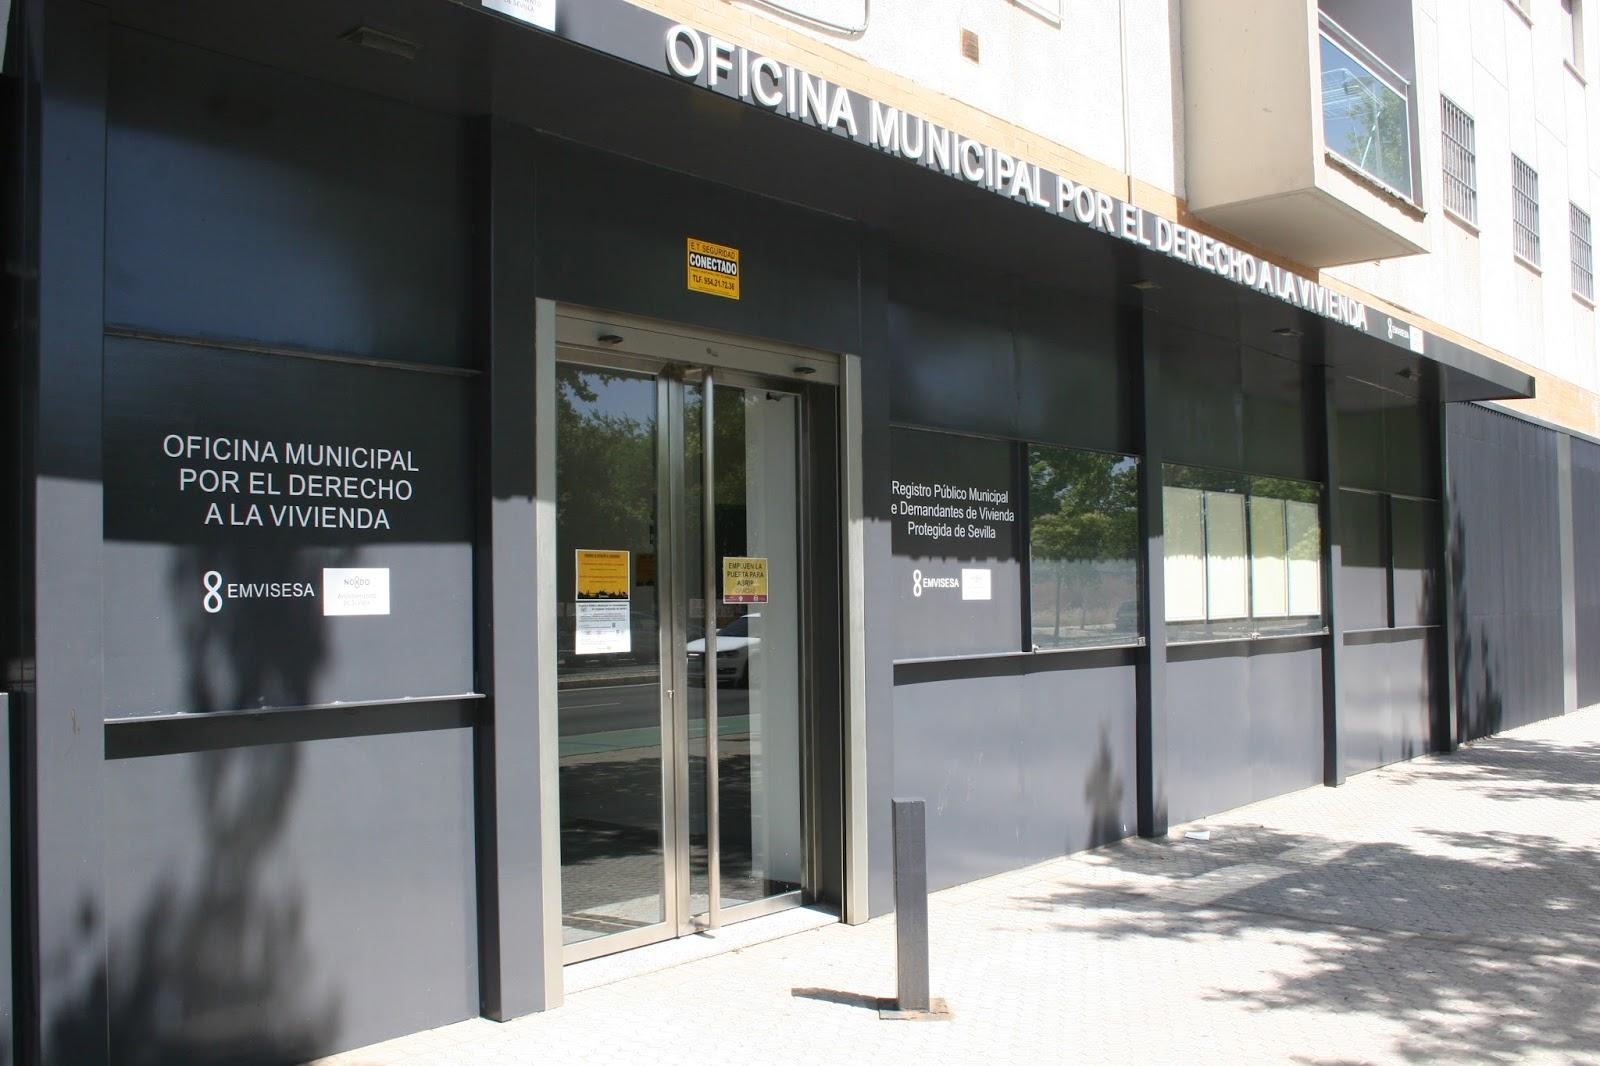 Gel n noticias la oficina municipal de la vivienda de for Alquiler piso los remedios